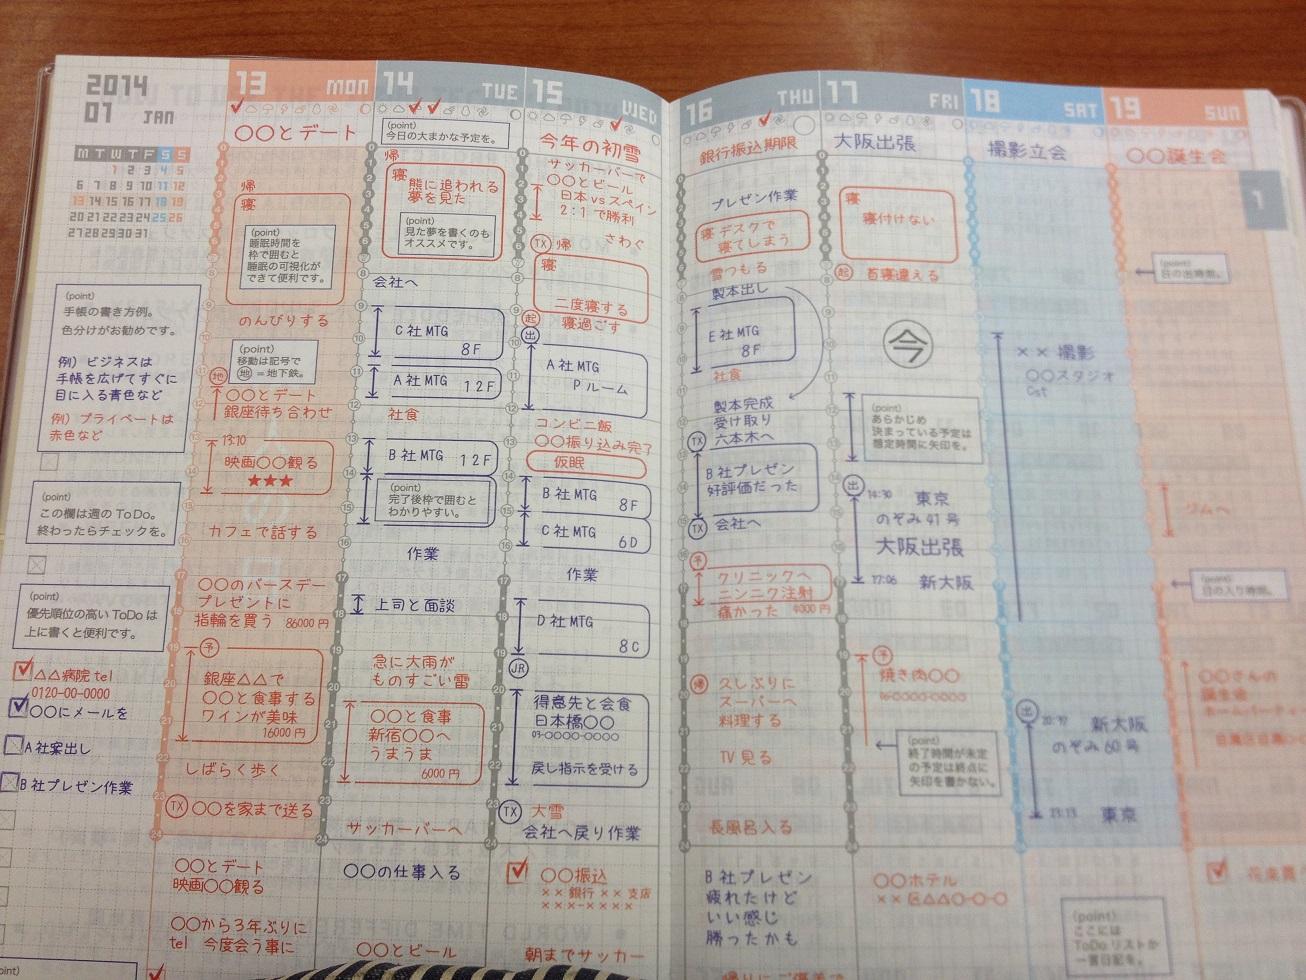 こちらでは3色の色分けで記入 ... : 一週間のスケジュール : すべての講義